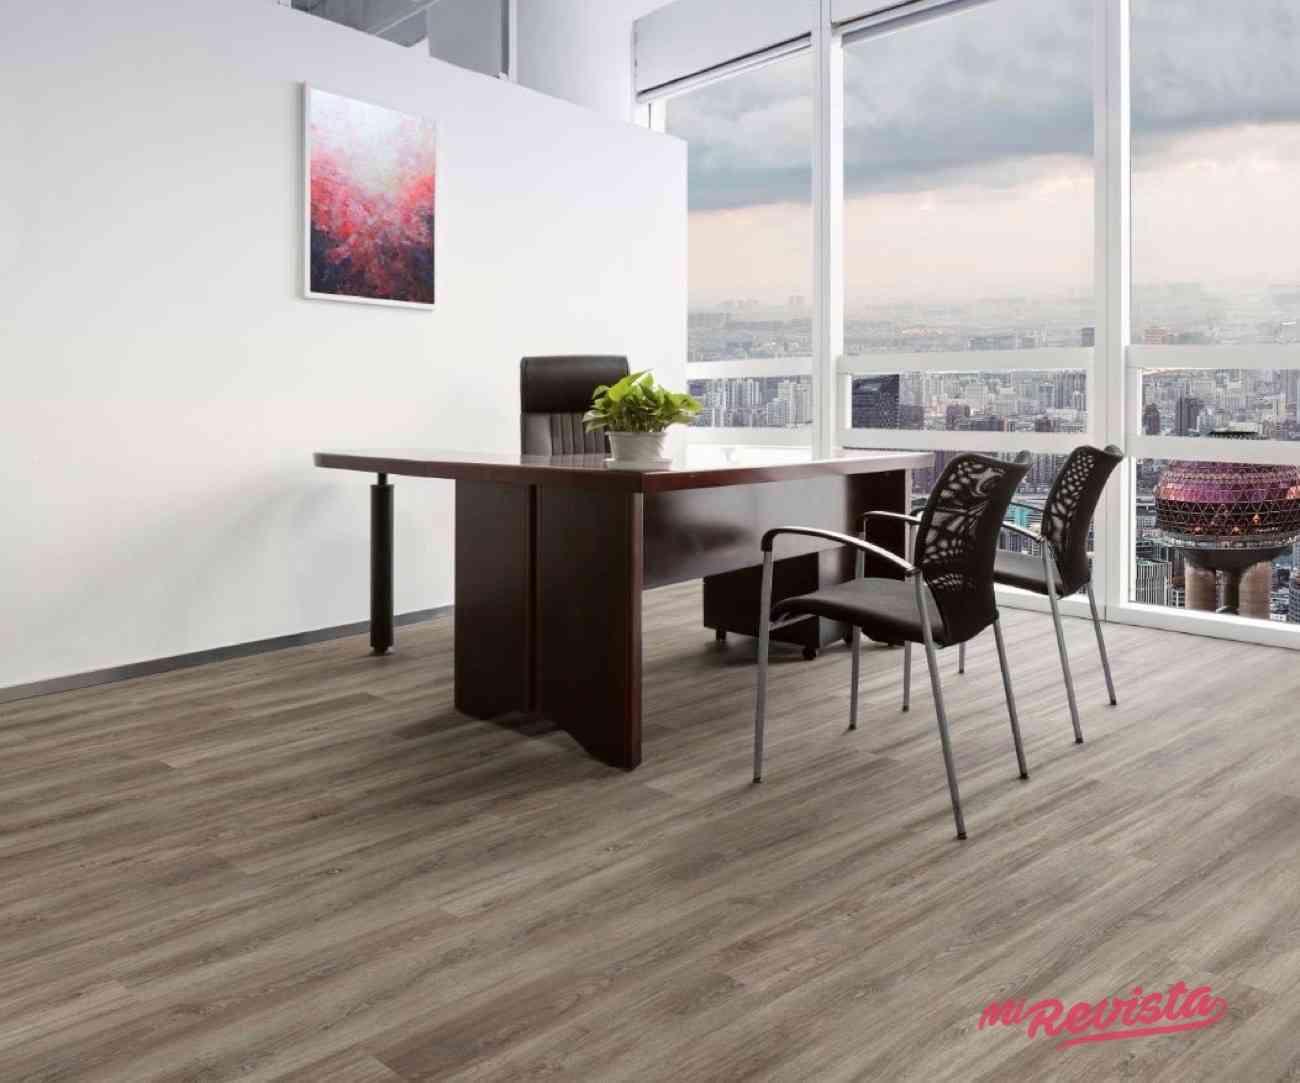 Apuesta por la marca líder de suelos vinílicos Adore Floors 7